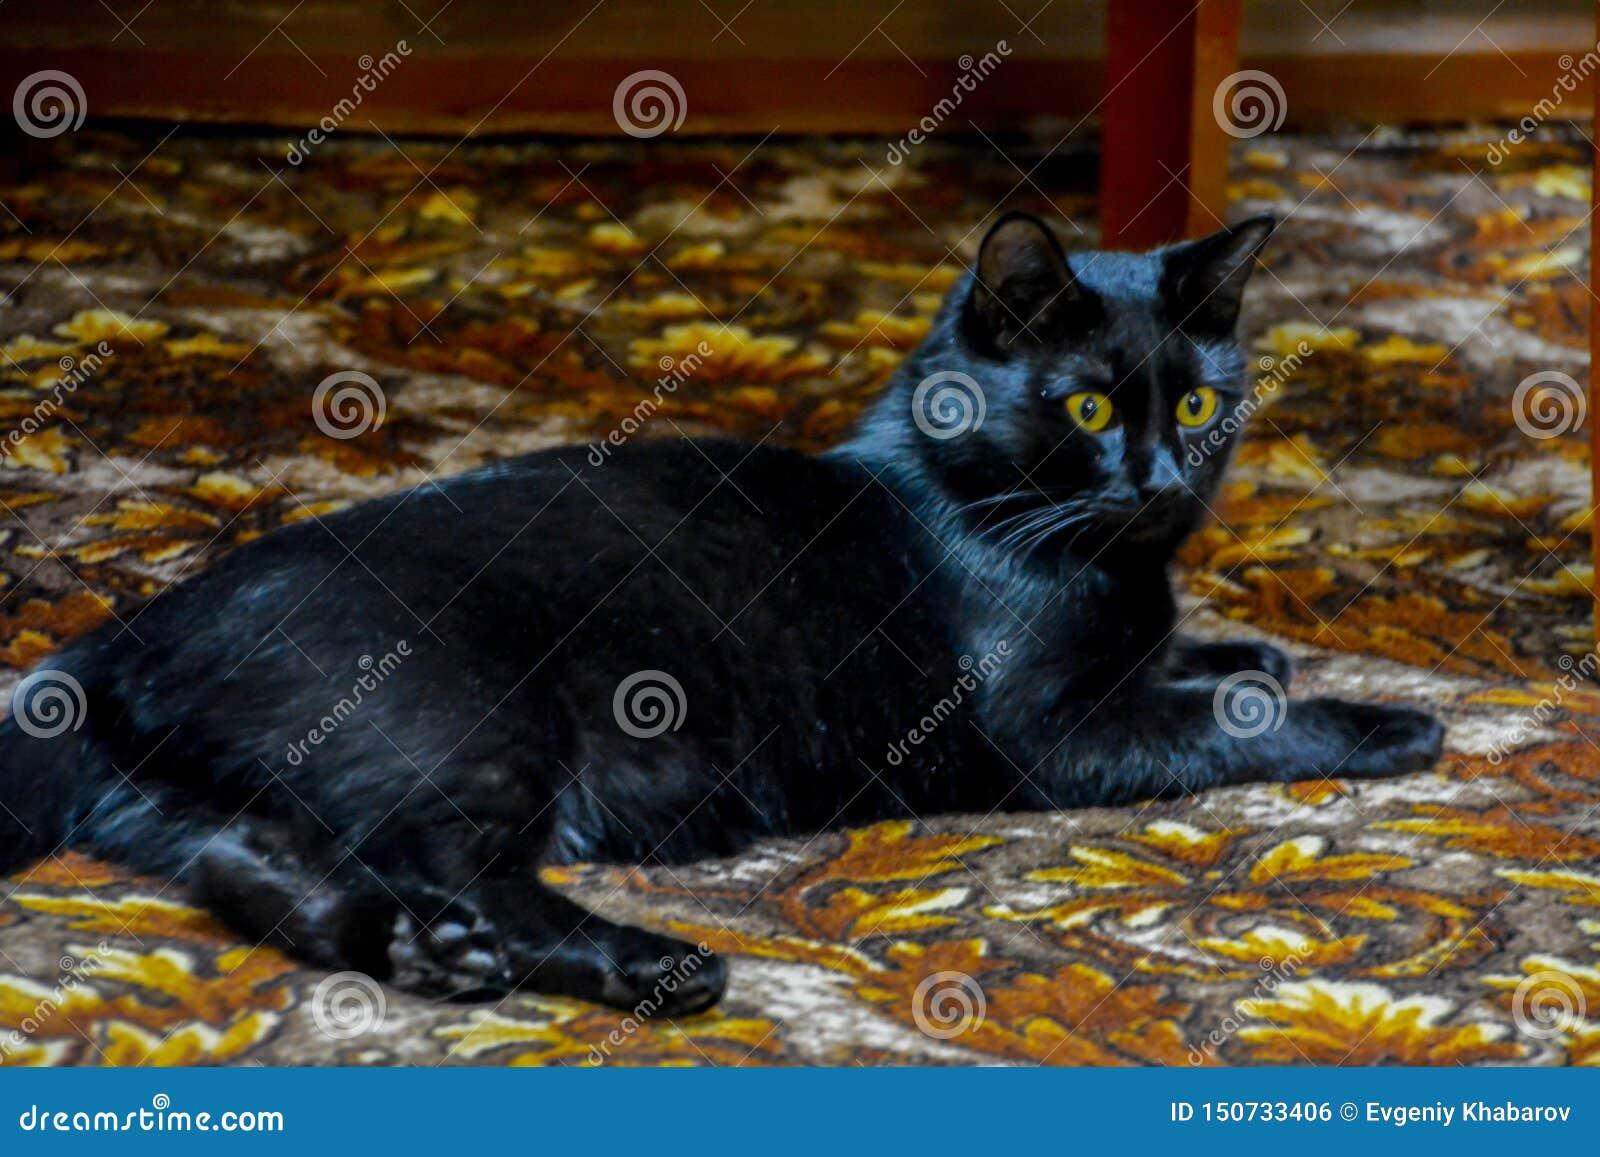 Den svarta katten med gula ögon som ligger på mattan